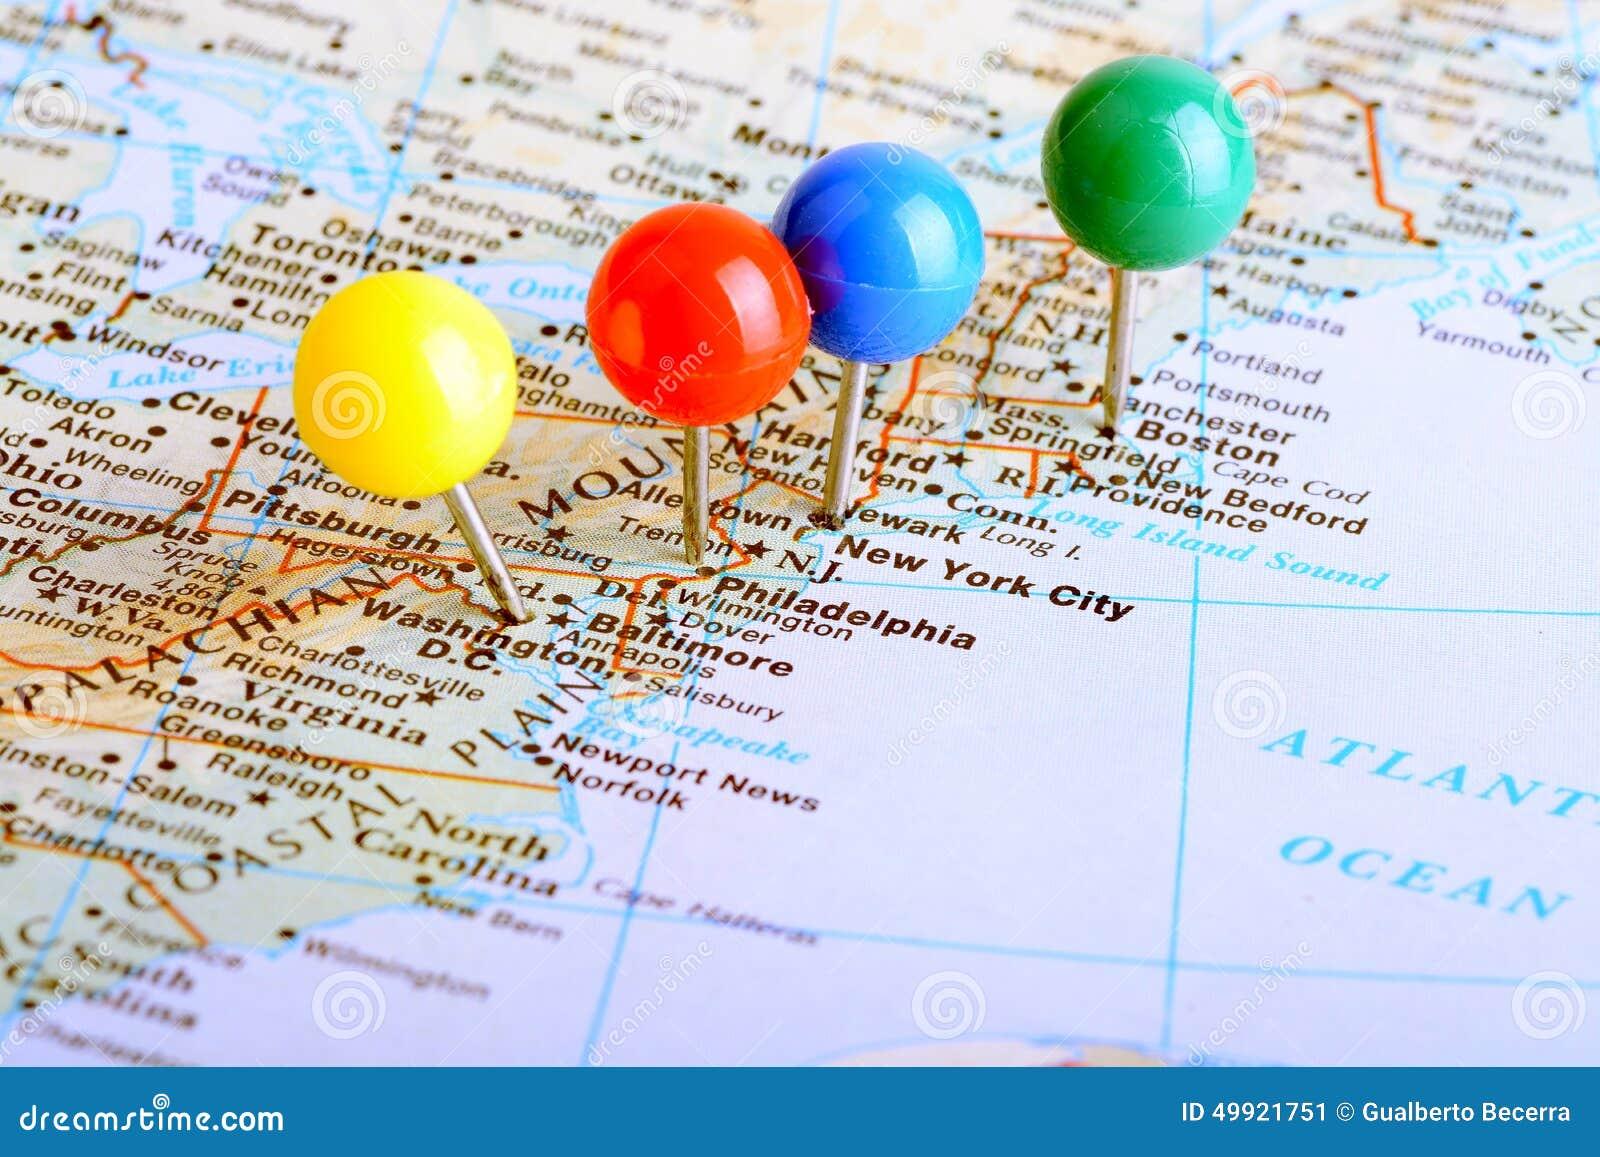 Map Of Southern Florida Tourism Fiji Floridas West Coast Floridas - Florida map east